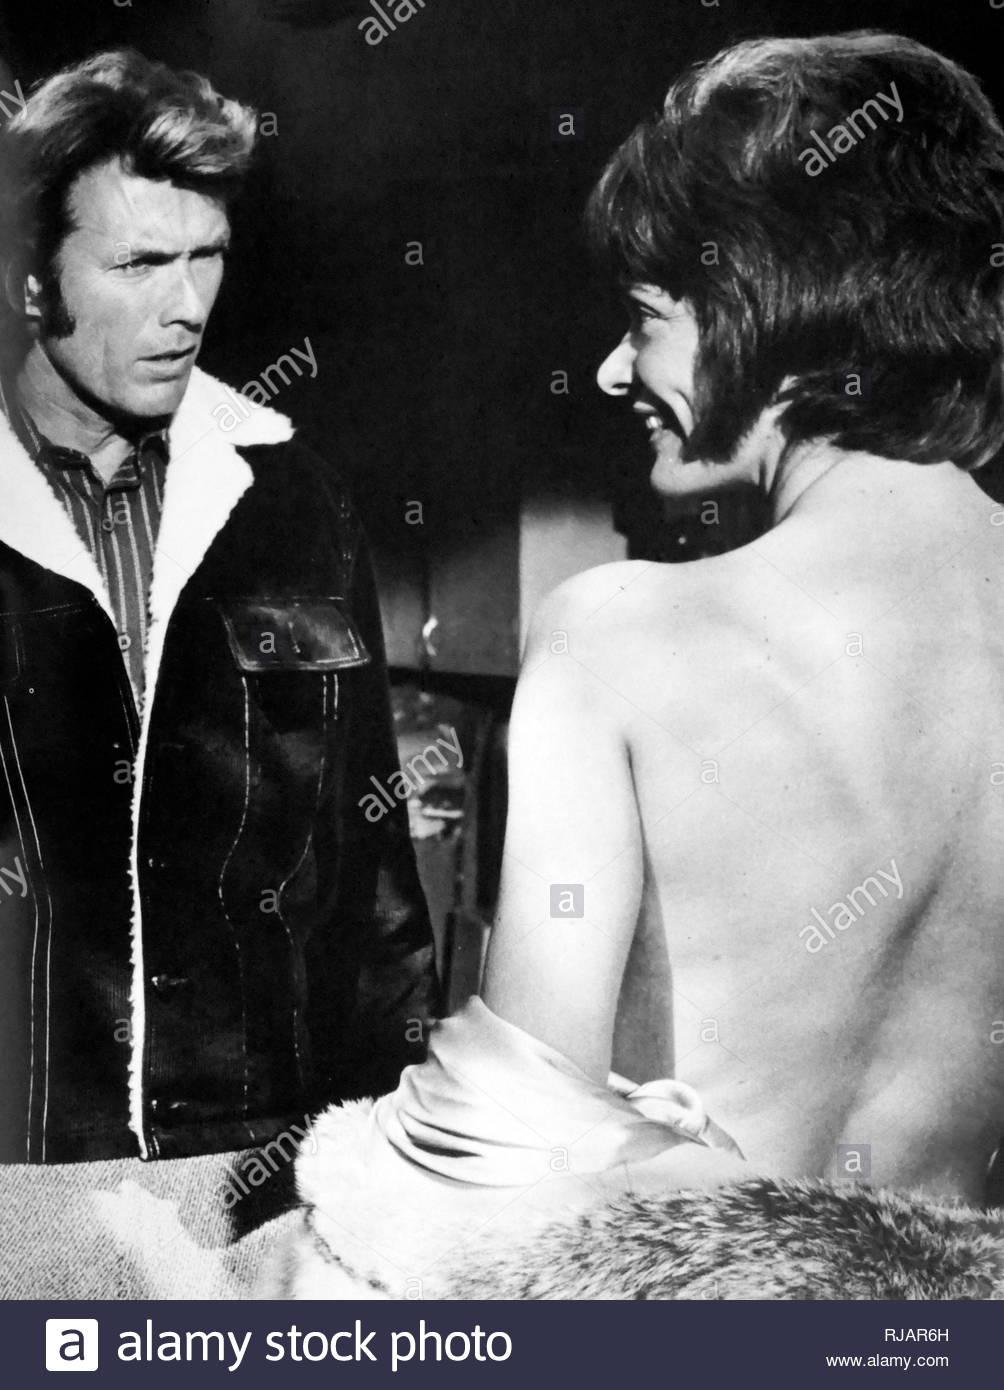 Play Misty pour moi; 1971 thriller psychologique américain, film réalisé par et avec Clint Eastwood, dans ses débuts de réalisateur et Jessica Walter. Dans le film, Eastwood joue le rôle d'un disc-jockey radio harcelées par un ventilateur de sexe féminin. Photo Stock